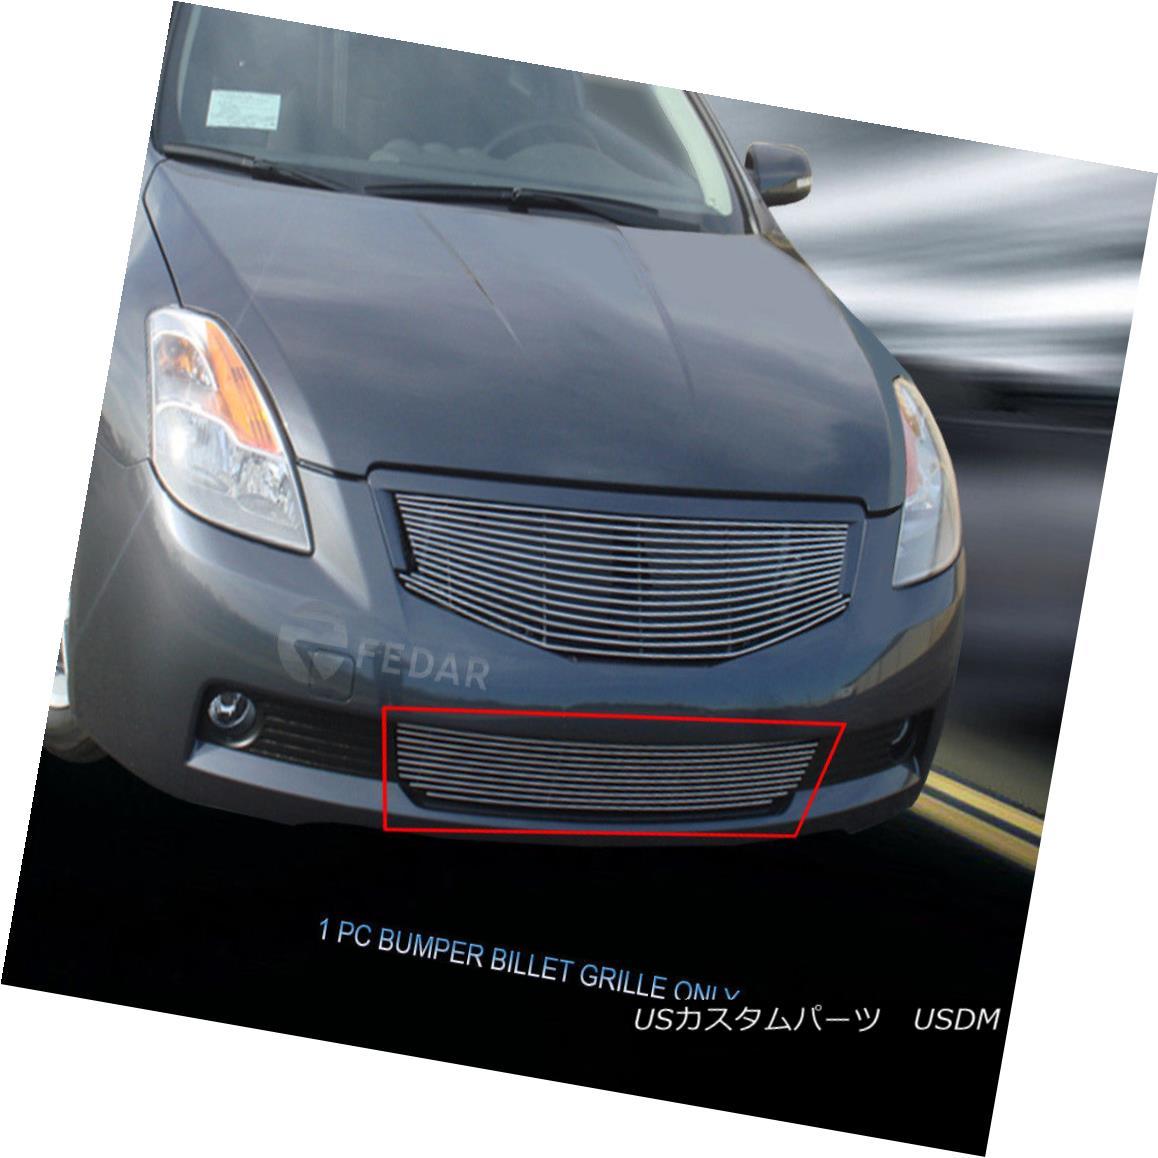 グリル For 2008-2009 Nissan Altima Coupe Replacement Billet Grille Bumper Insert Fedar 日産アルティマクーペ交換用ビレットグリルバンパーインサートFedar